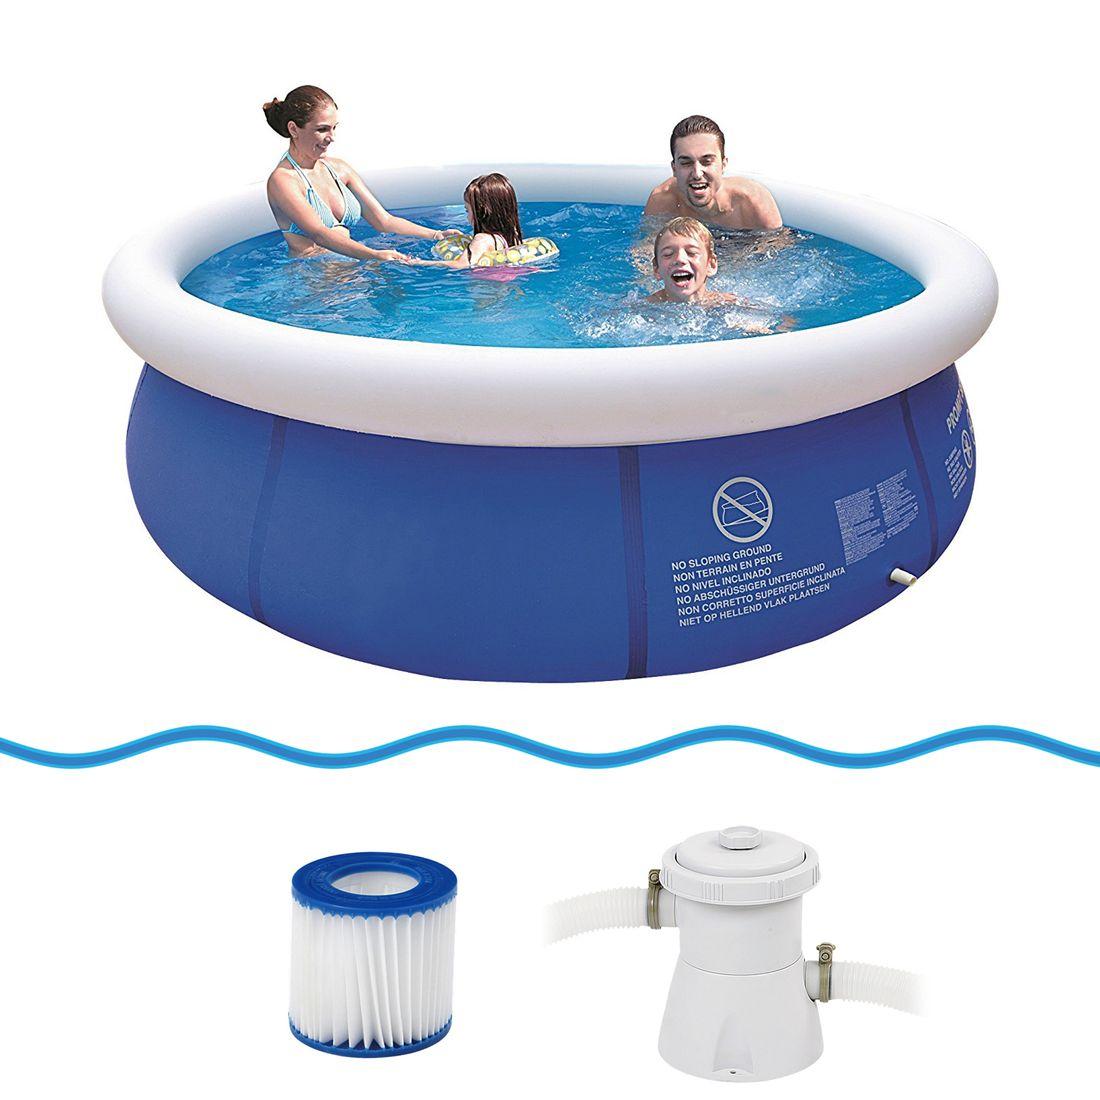 Comprare jilong prompt set pool marin blue 300 set set for Comprare piscina